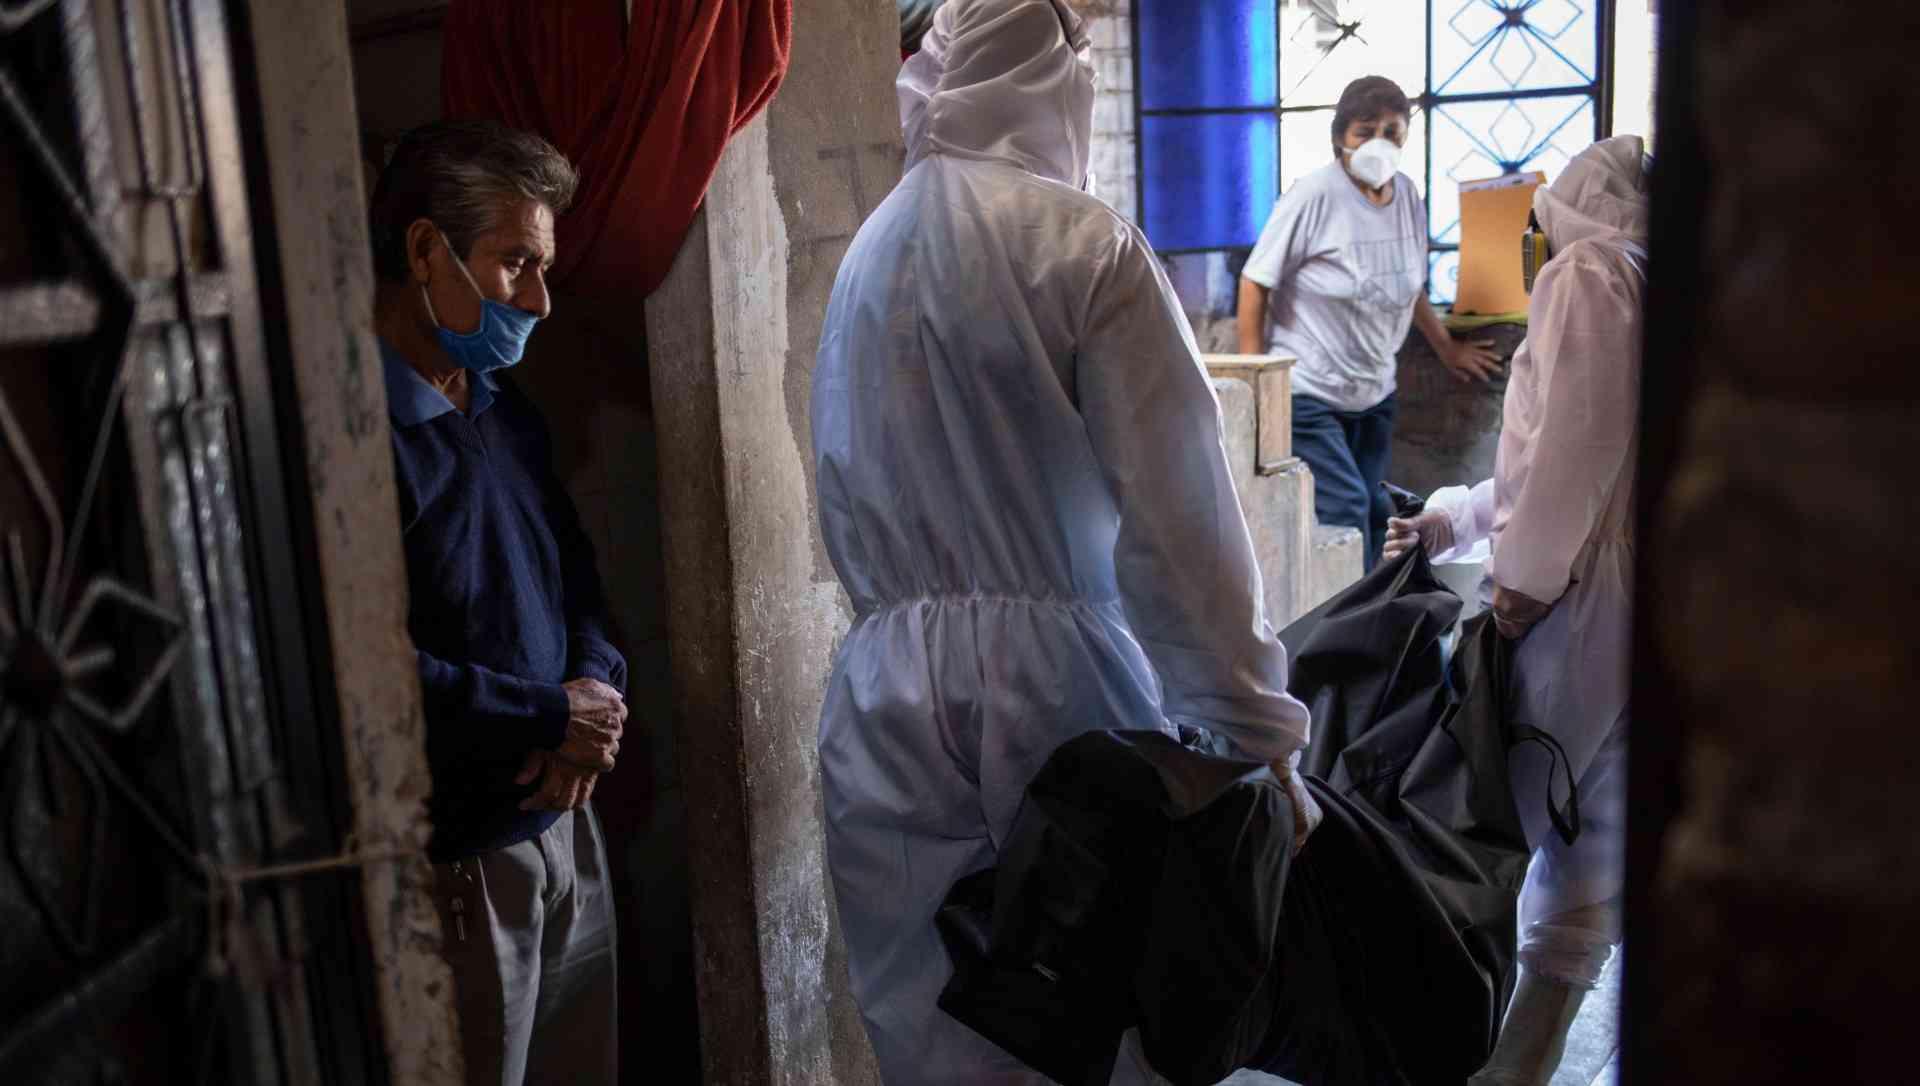 Coronavirus: Perú suma 4.000 nuevos fallecidos a sus cifras; España enfrenta su segundo rebrote de contagios